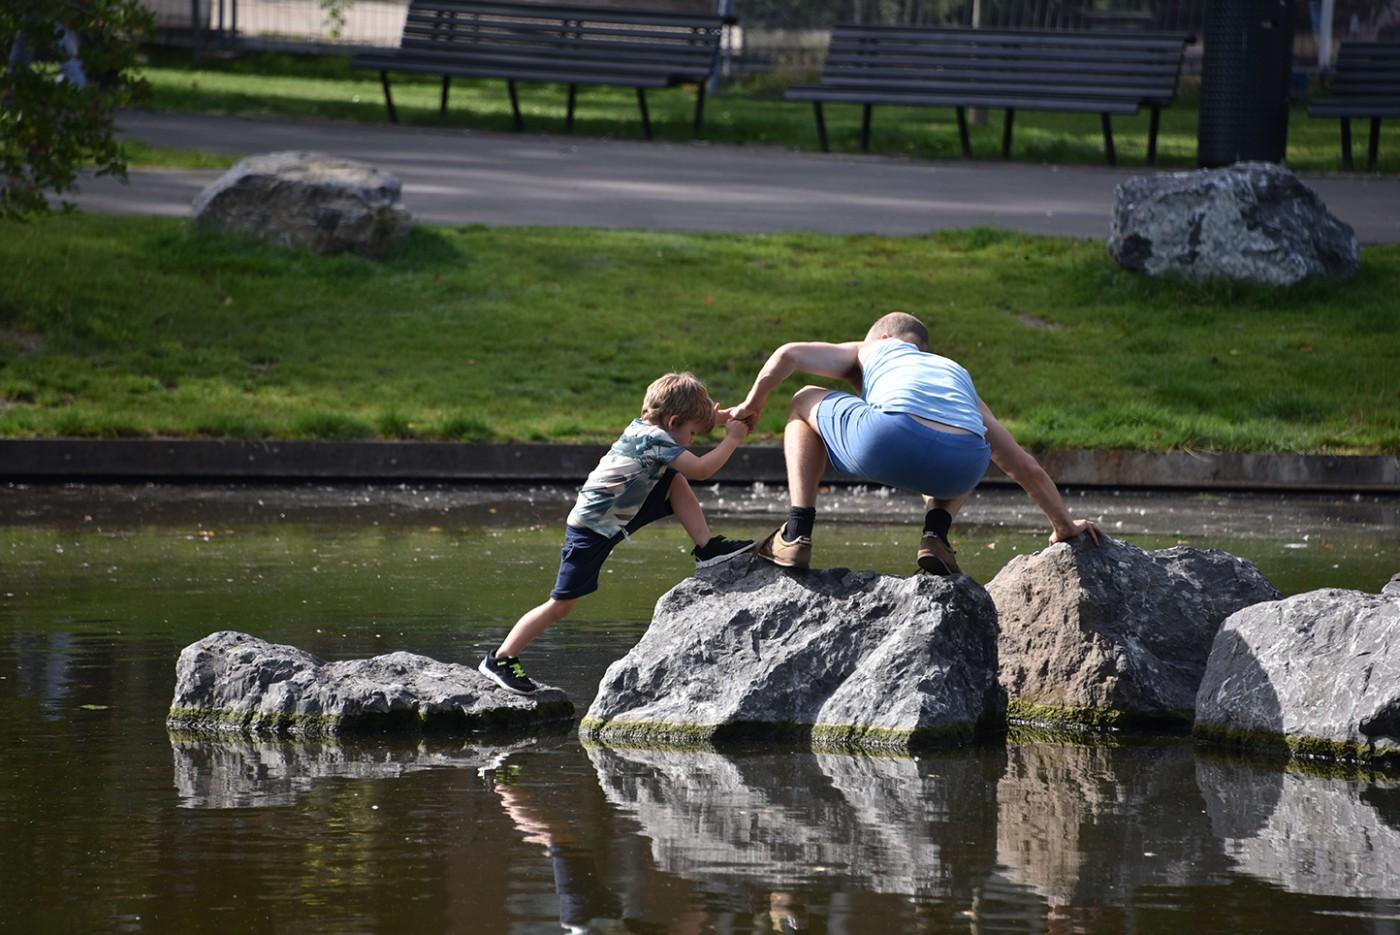 buro-sant-en-co-landschapsarchitectuur-oosterpark-amsterdam-bronelement